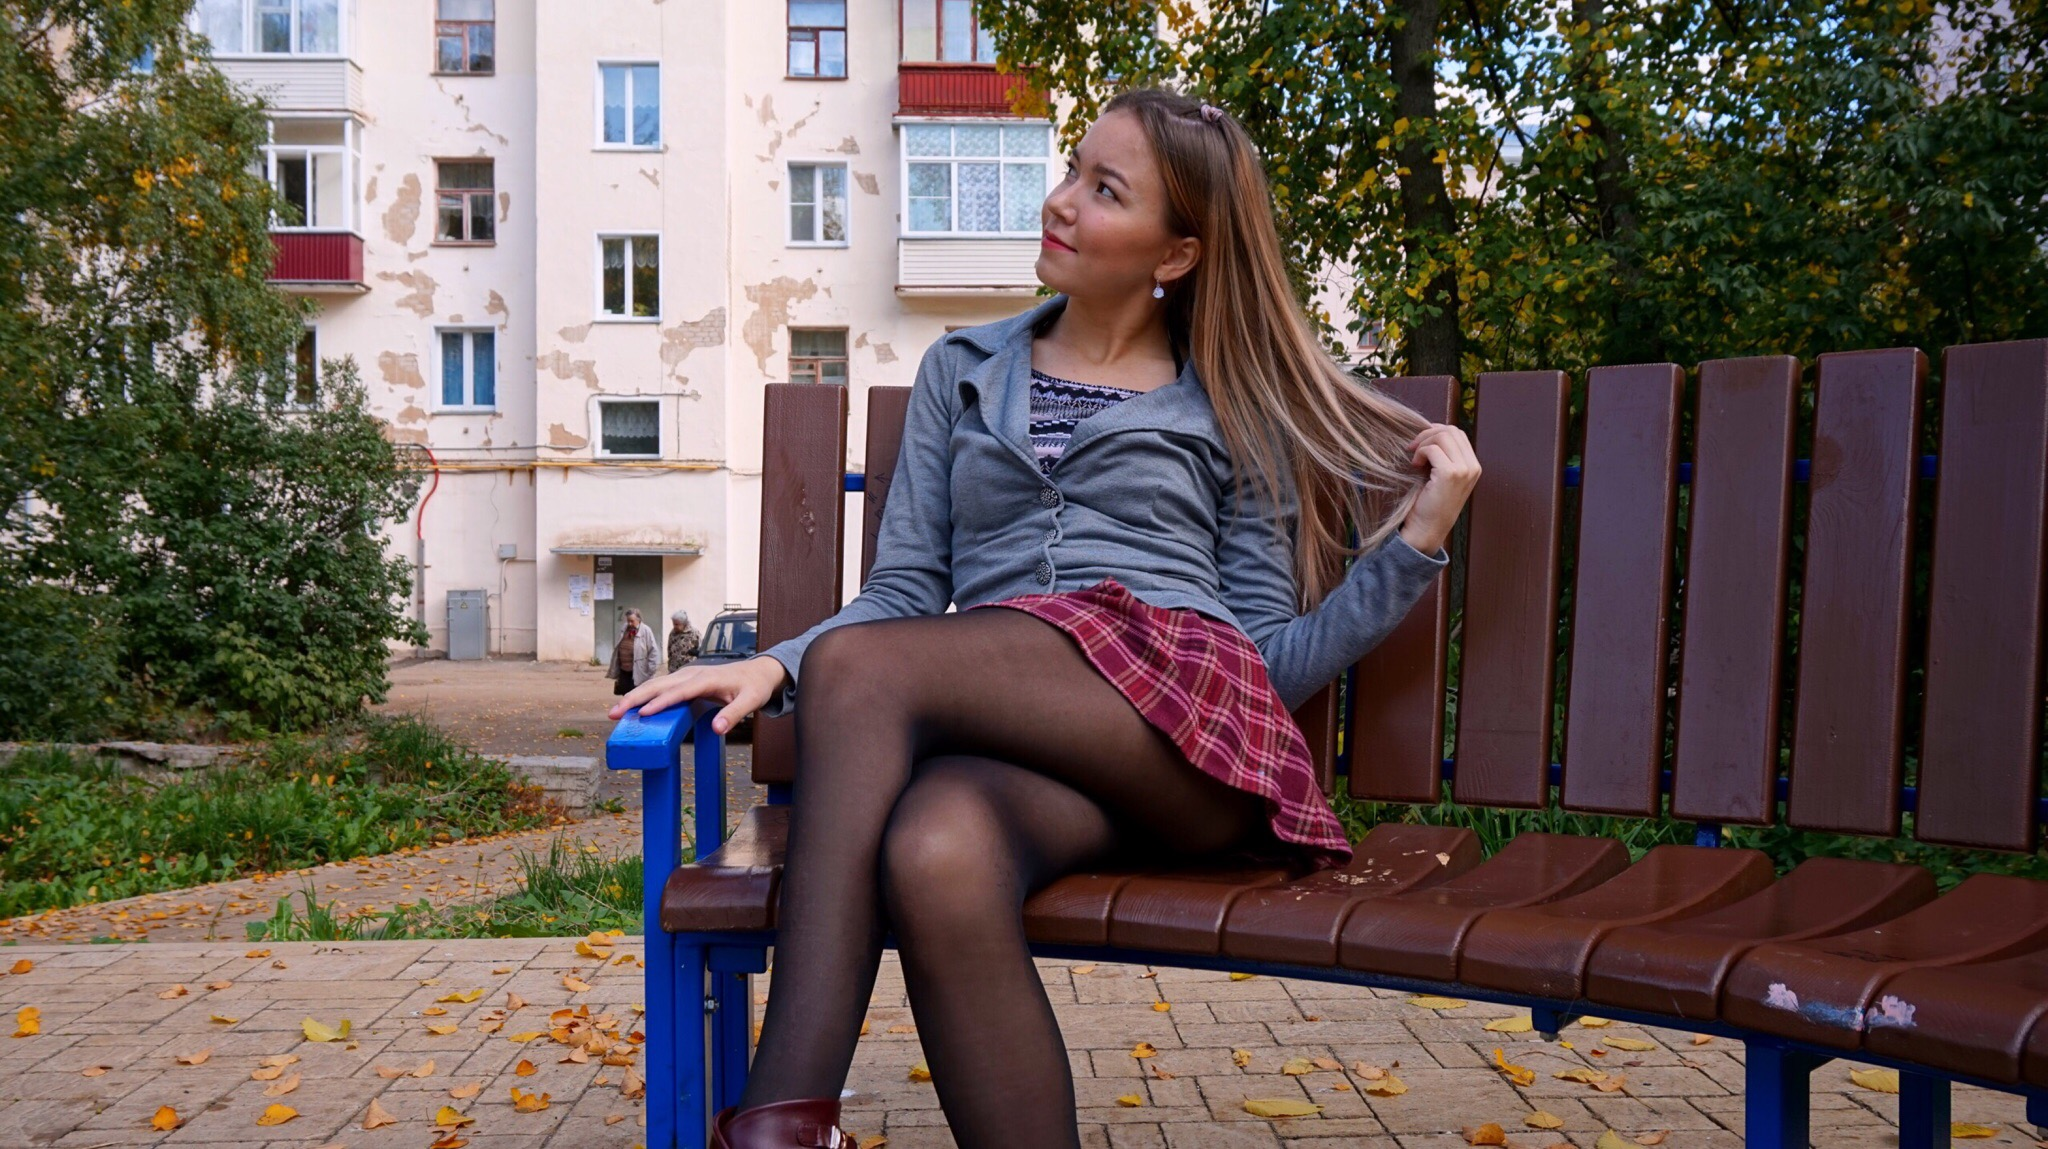 Улетная Блогика (Надежда Попкова): биография блогерши